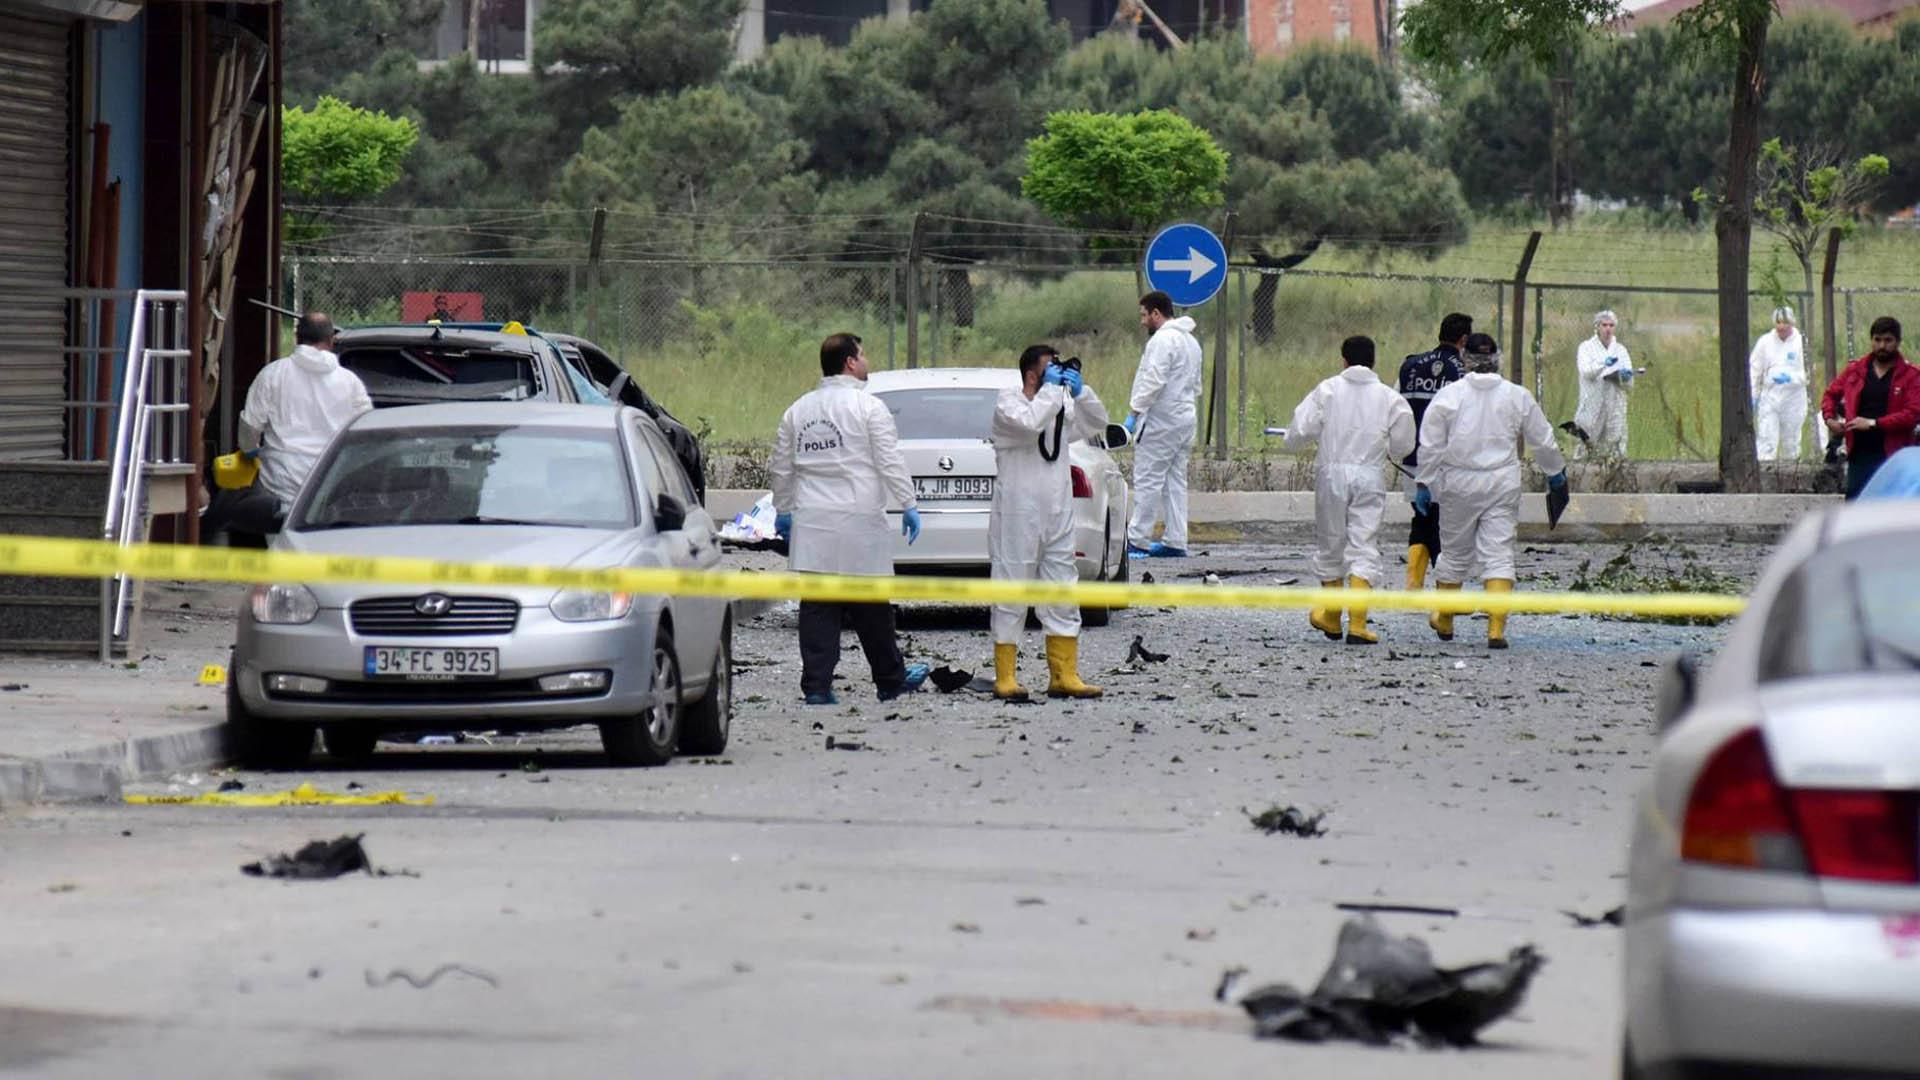 Una bomba, que se encontraba en una moto, estalló cerca de la estación de policías del barrio Yenibosna